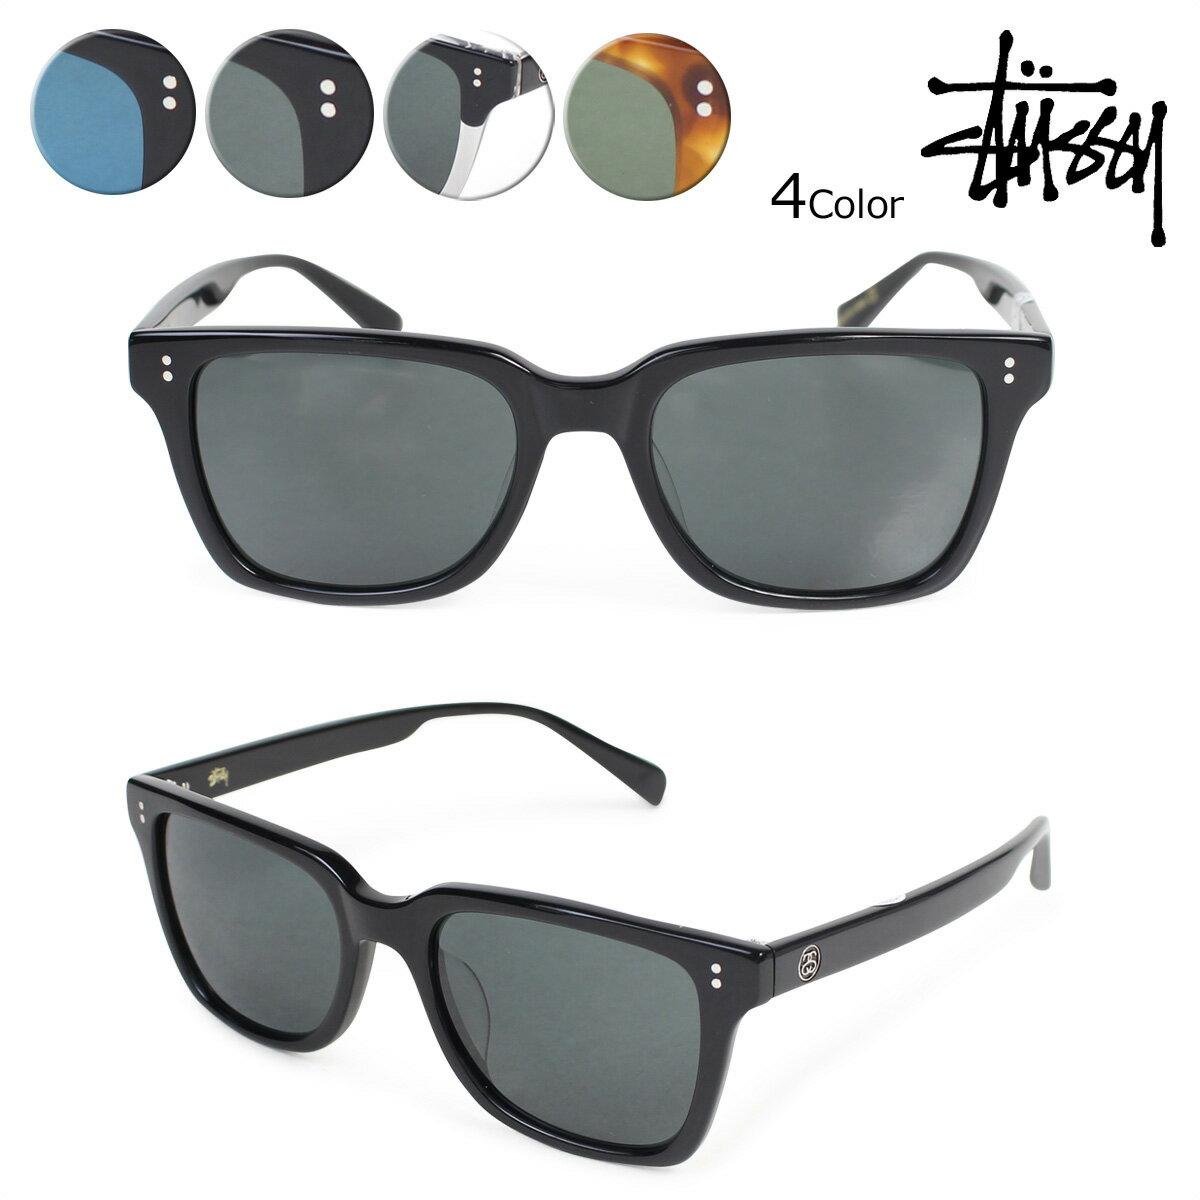 STUSSY ステューシー サングラス メンズ レディース UV カット アンジェロ ANGELO EYEGEAR 140014 4カラー 【決算セール】